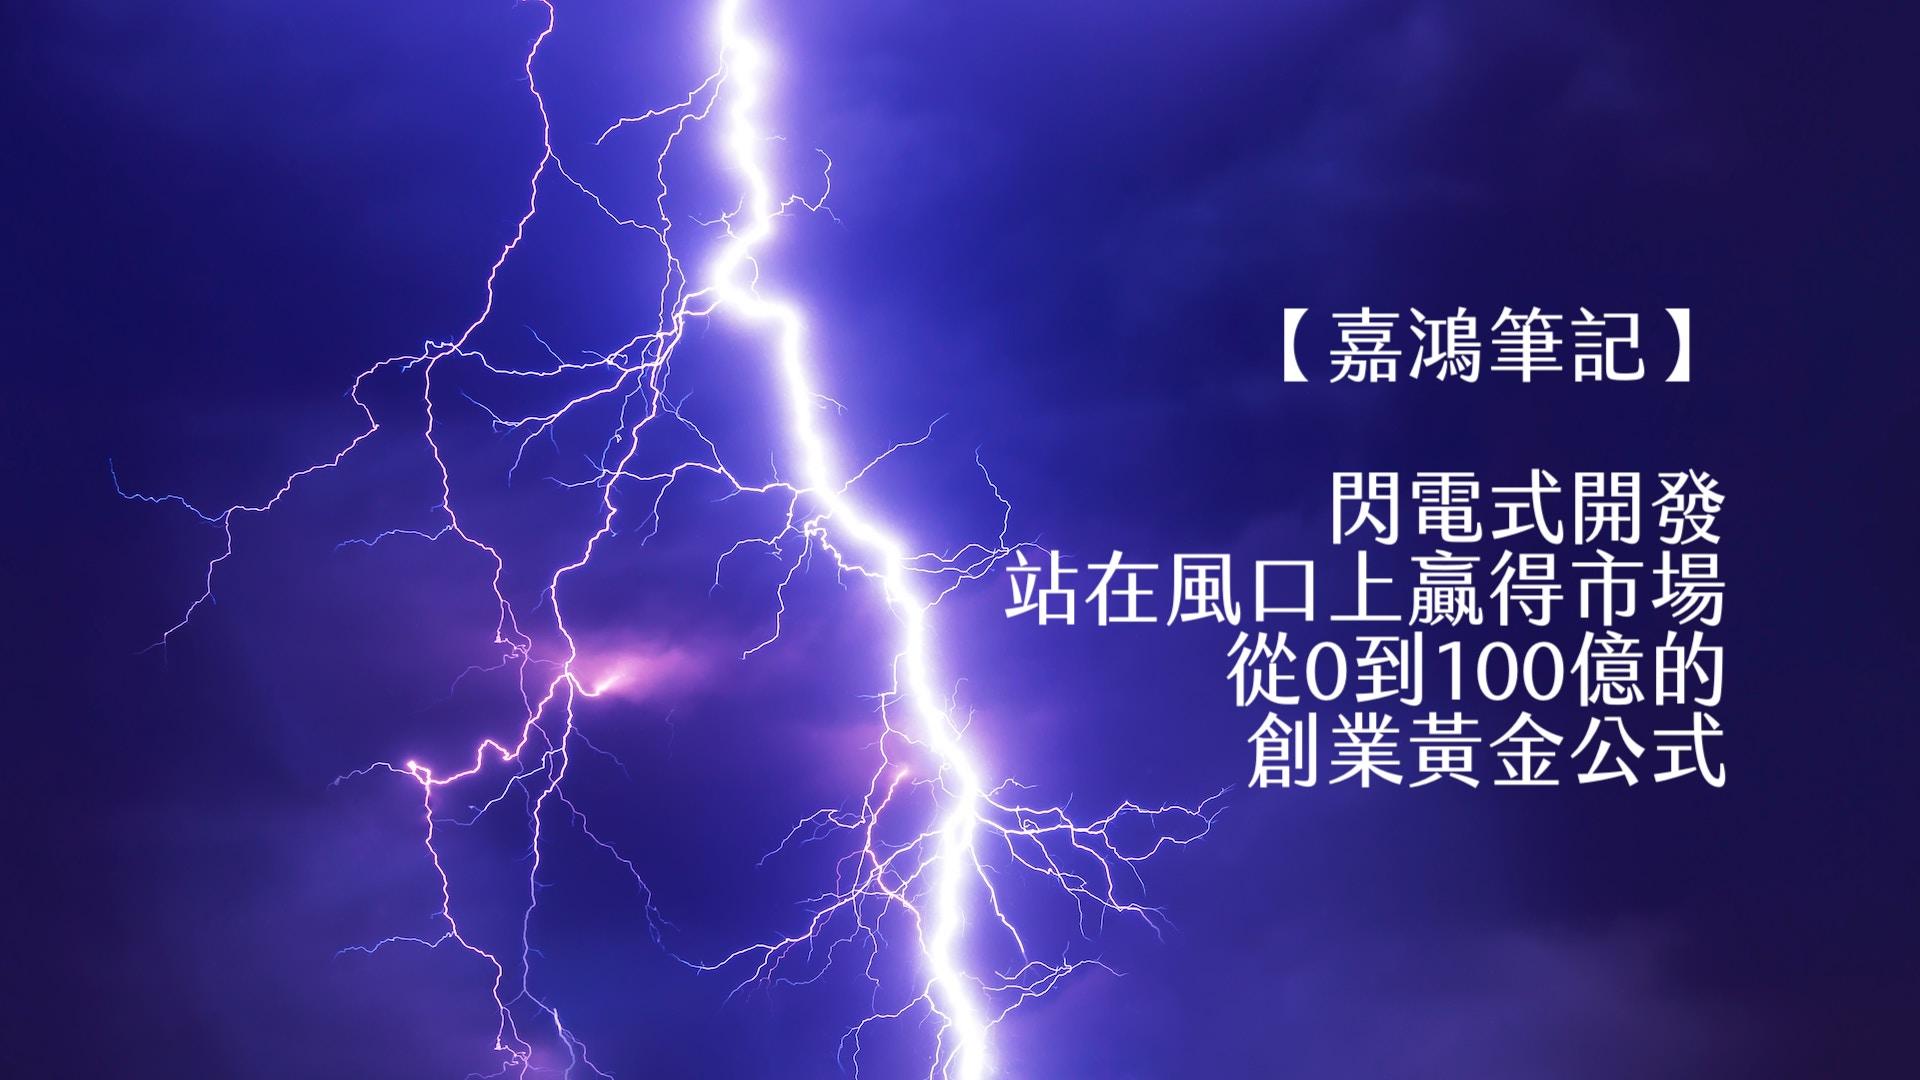 【嘉鴻筆記】閃電式開發:站在風口上贏得市場,從0到100億的創業黃金公式 1